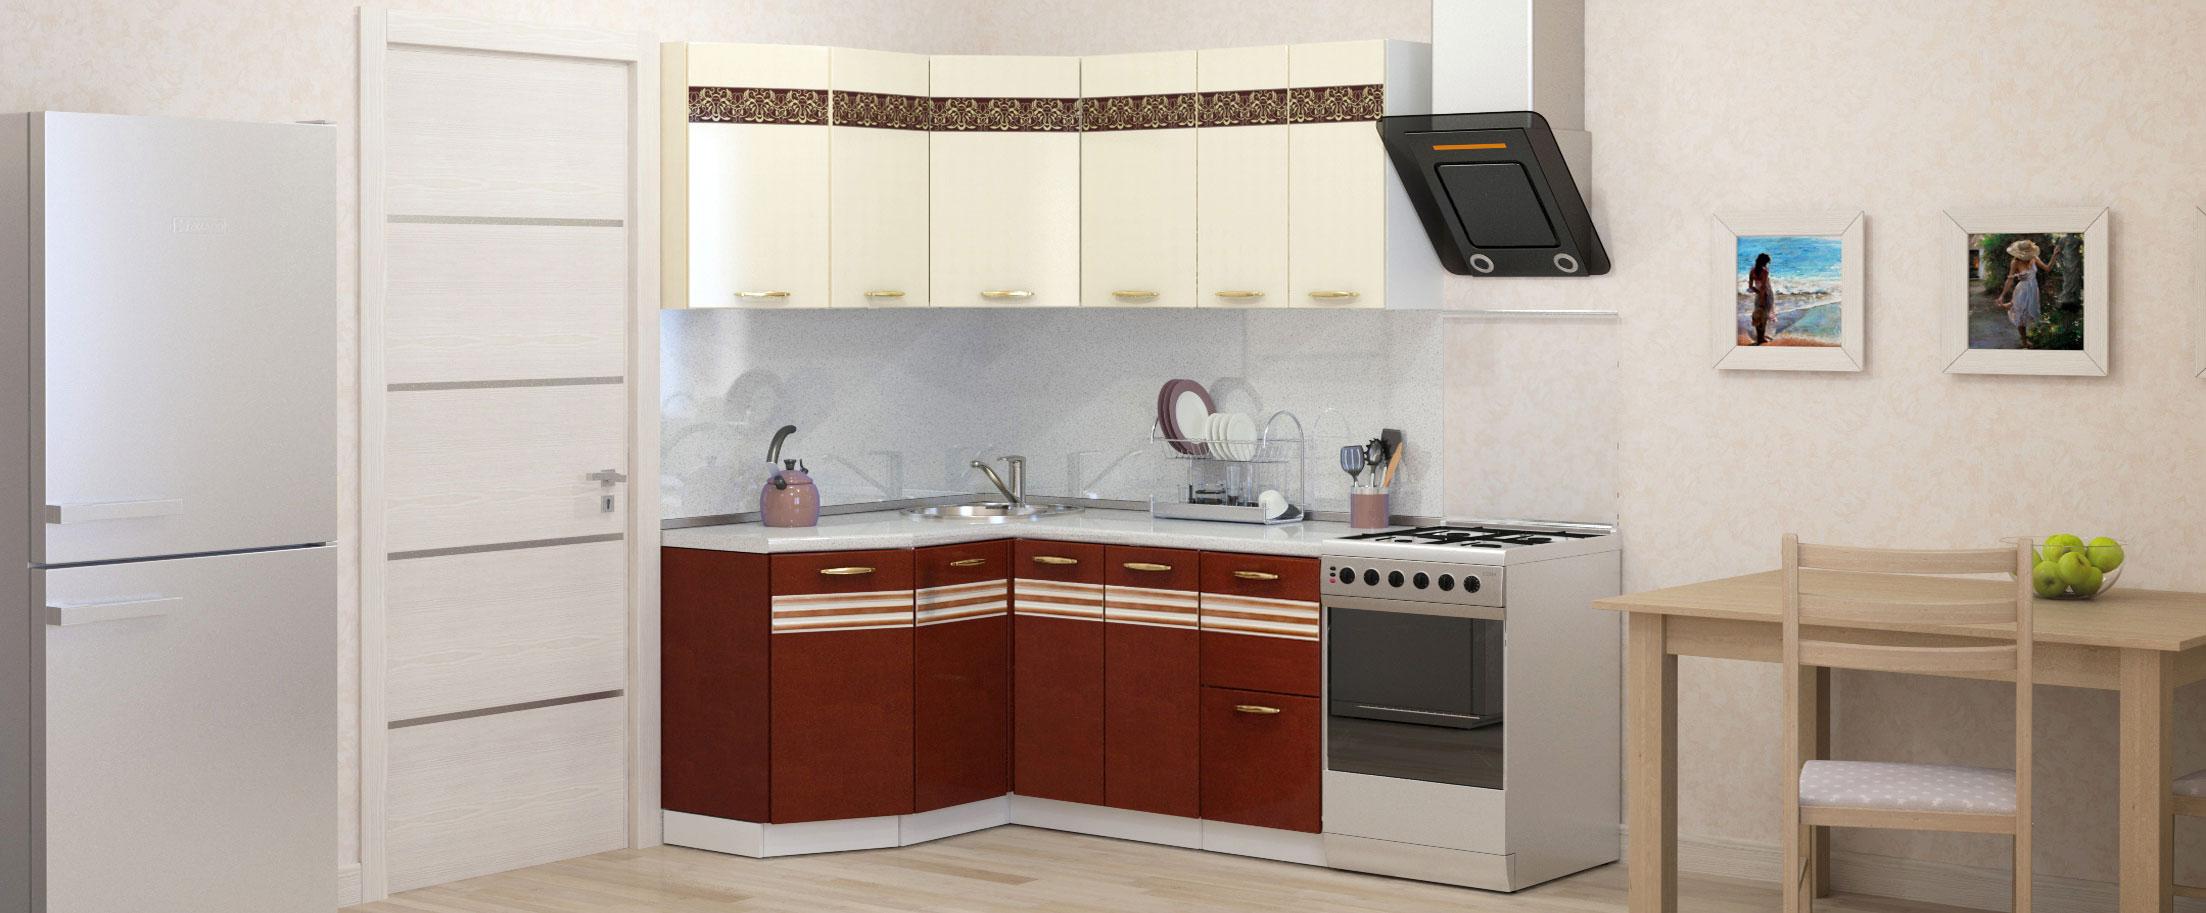 Кухня Корица угловая левая 1,35х1,6 мКупить удобный и практичный набор кухонного гарнитура в интернет магазине MOON-TRADE.RU. Быстрая доставка, вынос упаковки, гарантия! Выгодная покупка!<br>